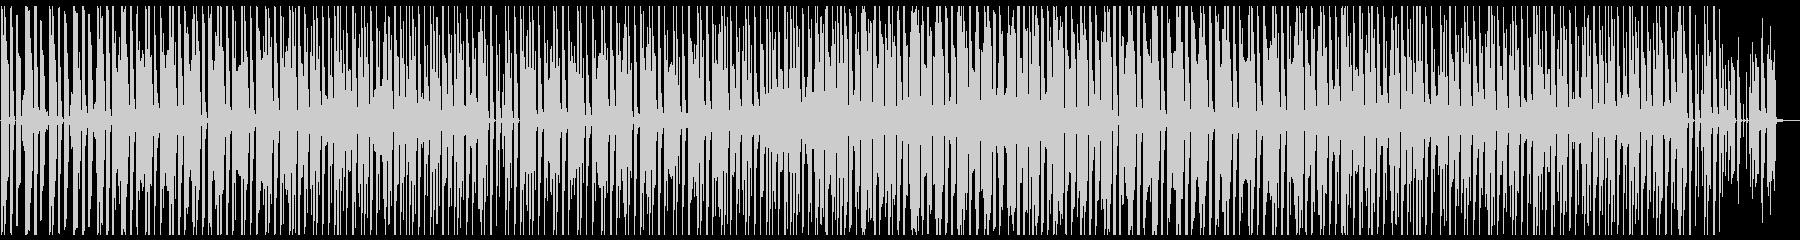 スローテンポ、ムーディーなドラムル...の未再生の波形